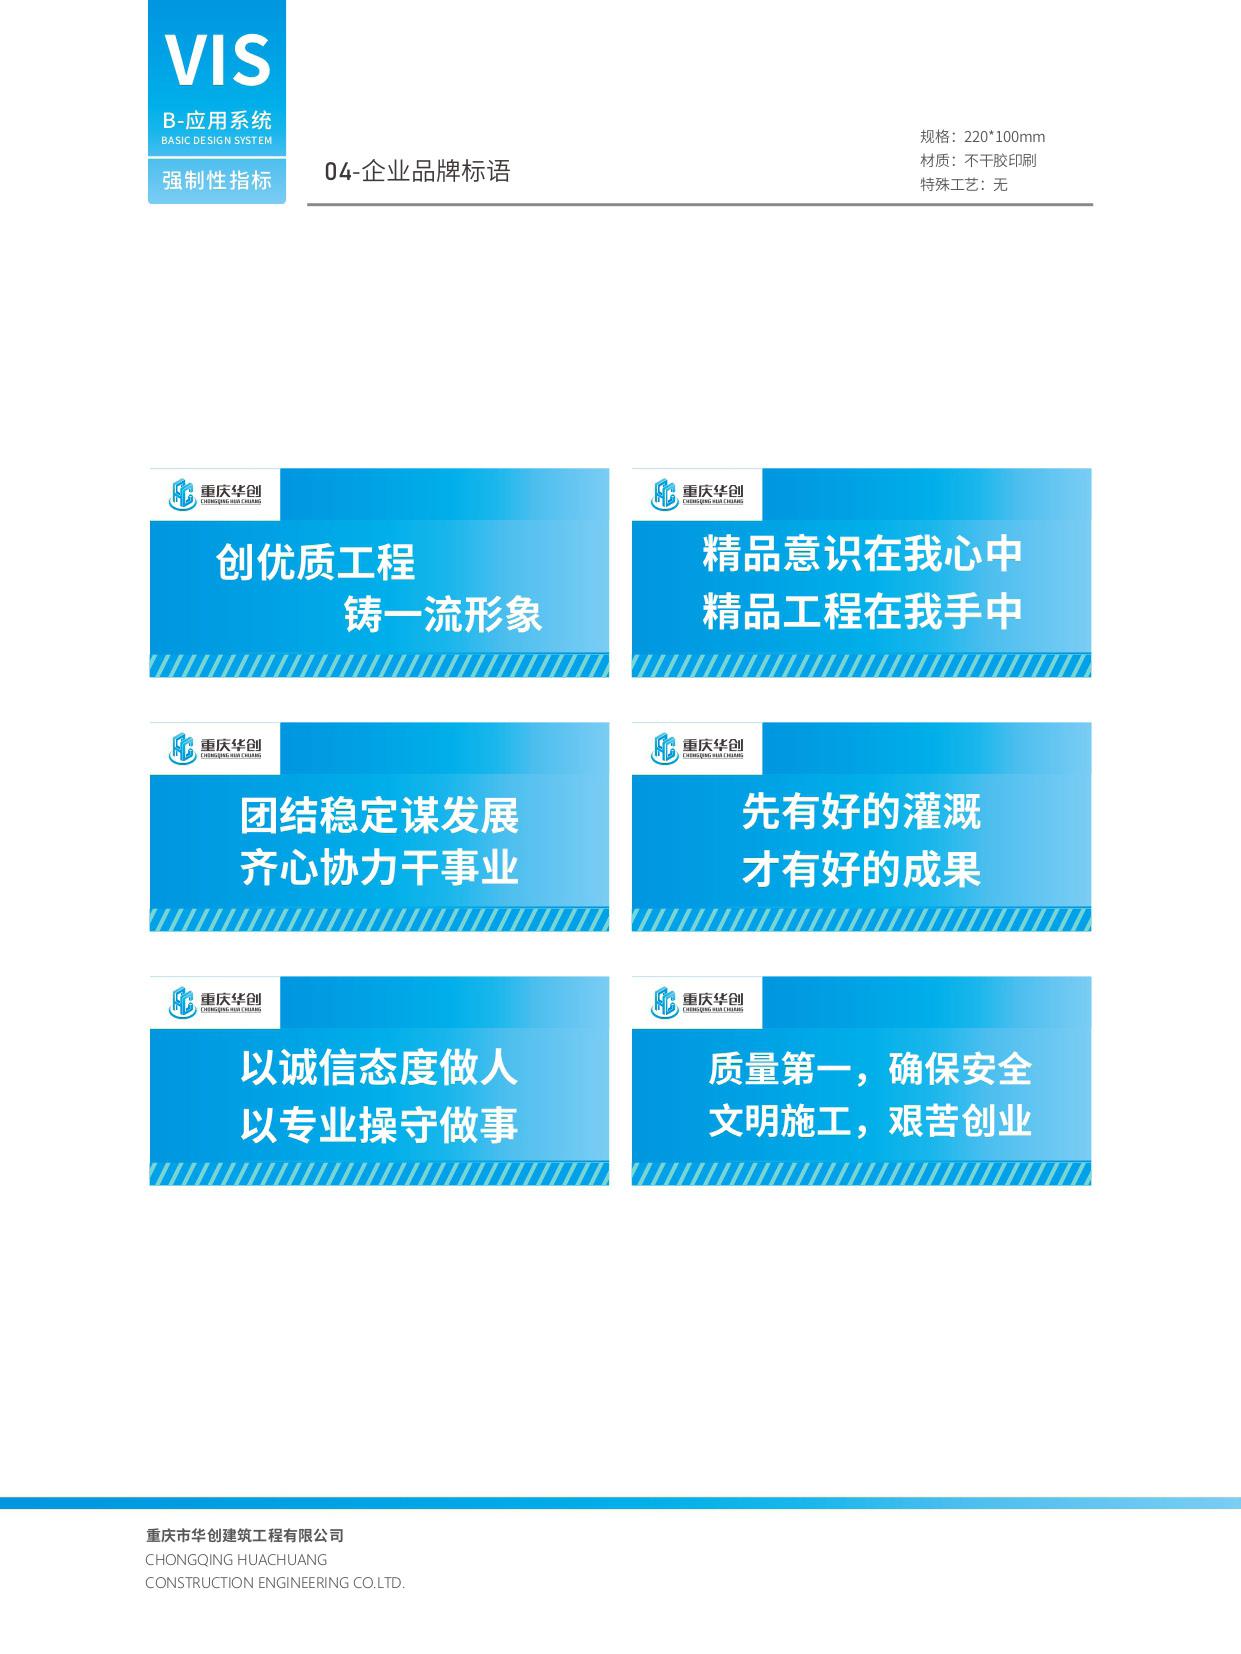 華創vi_頁面_16.jpg